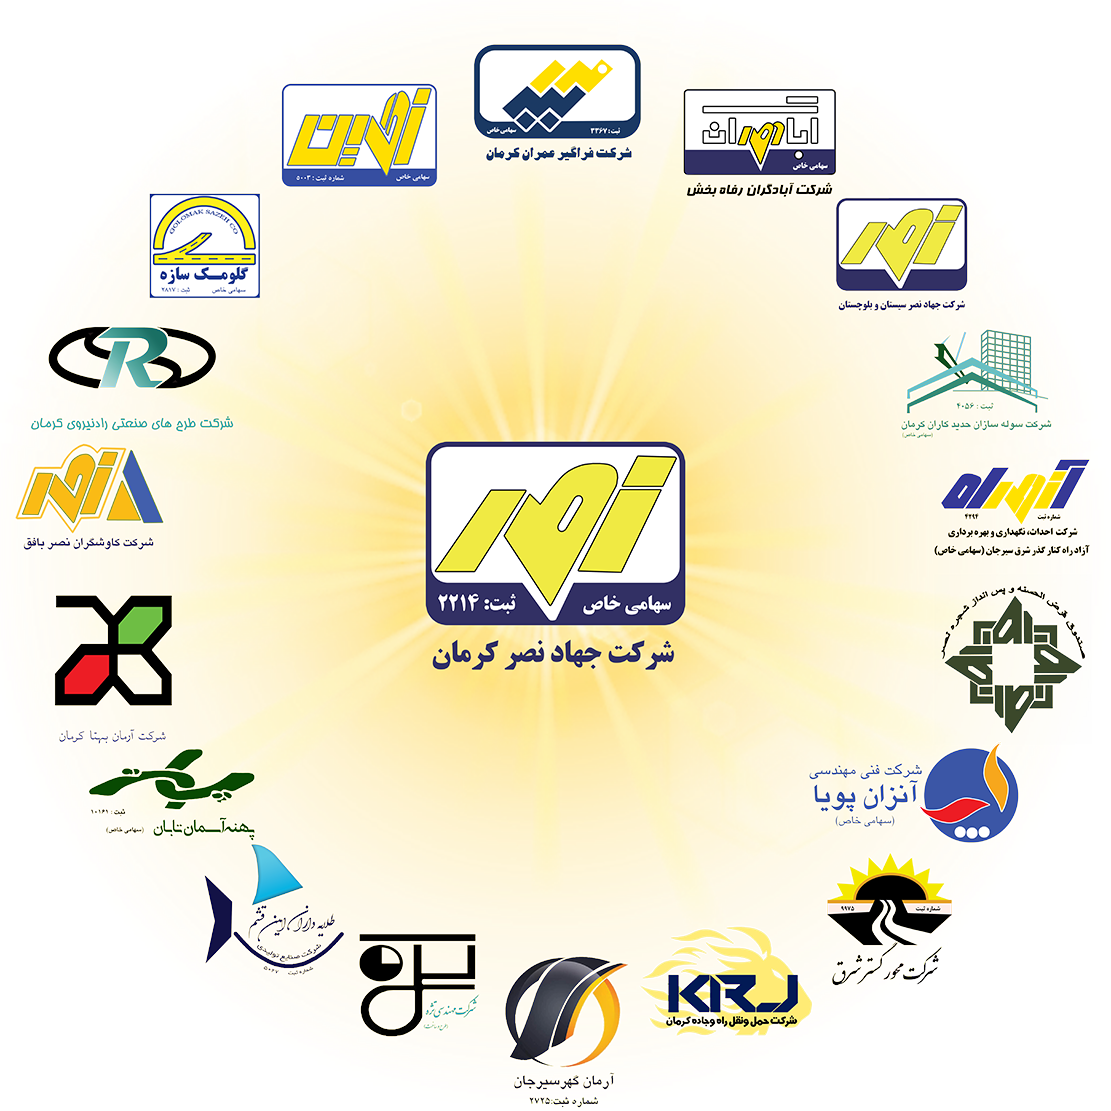 شرکت های زیر مجموعه جهاد نصر کرمان